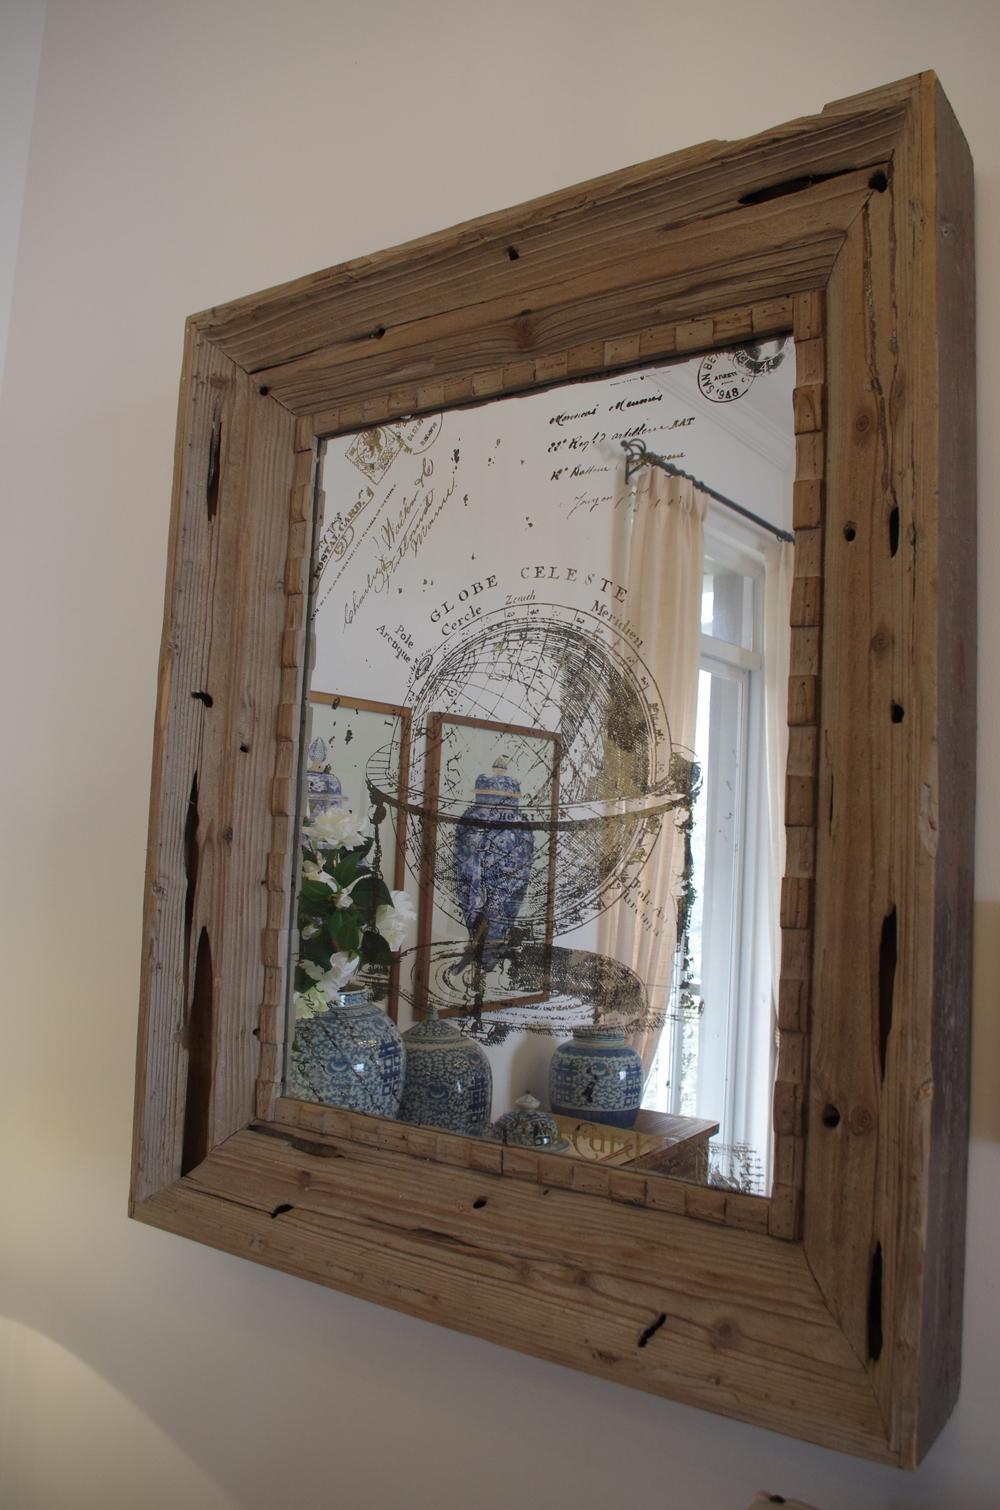 所以世界上没有第二个相同的了, 那种做旧的木头质感还有带花纹的玻璃